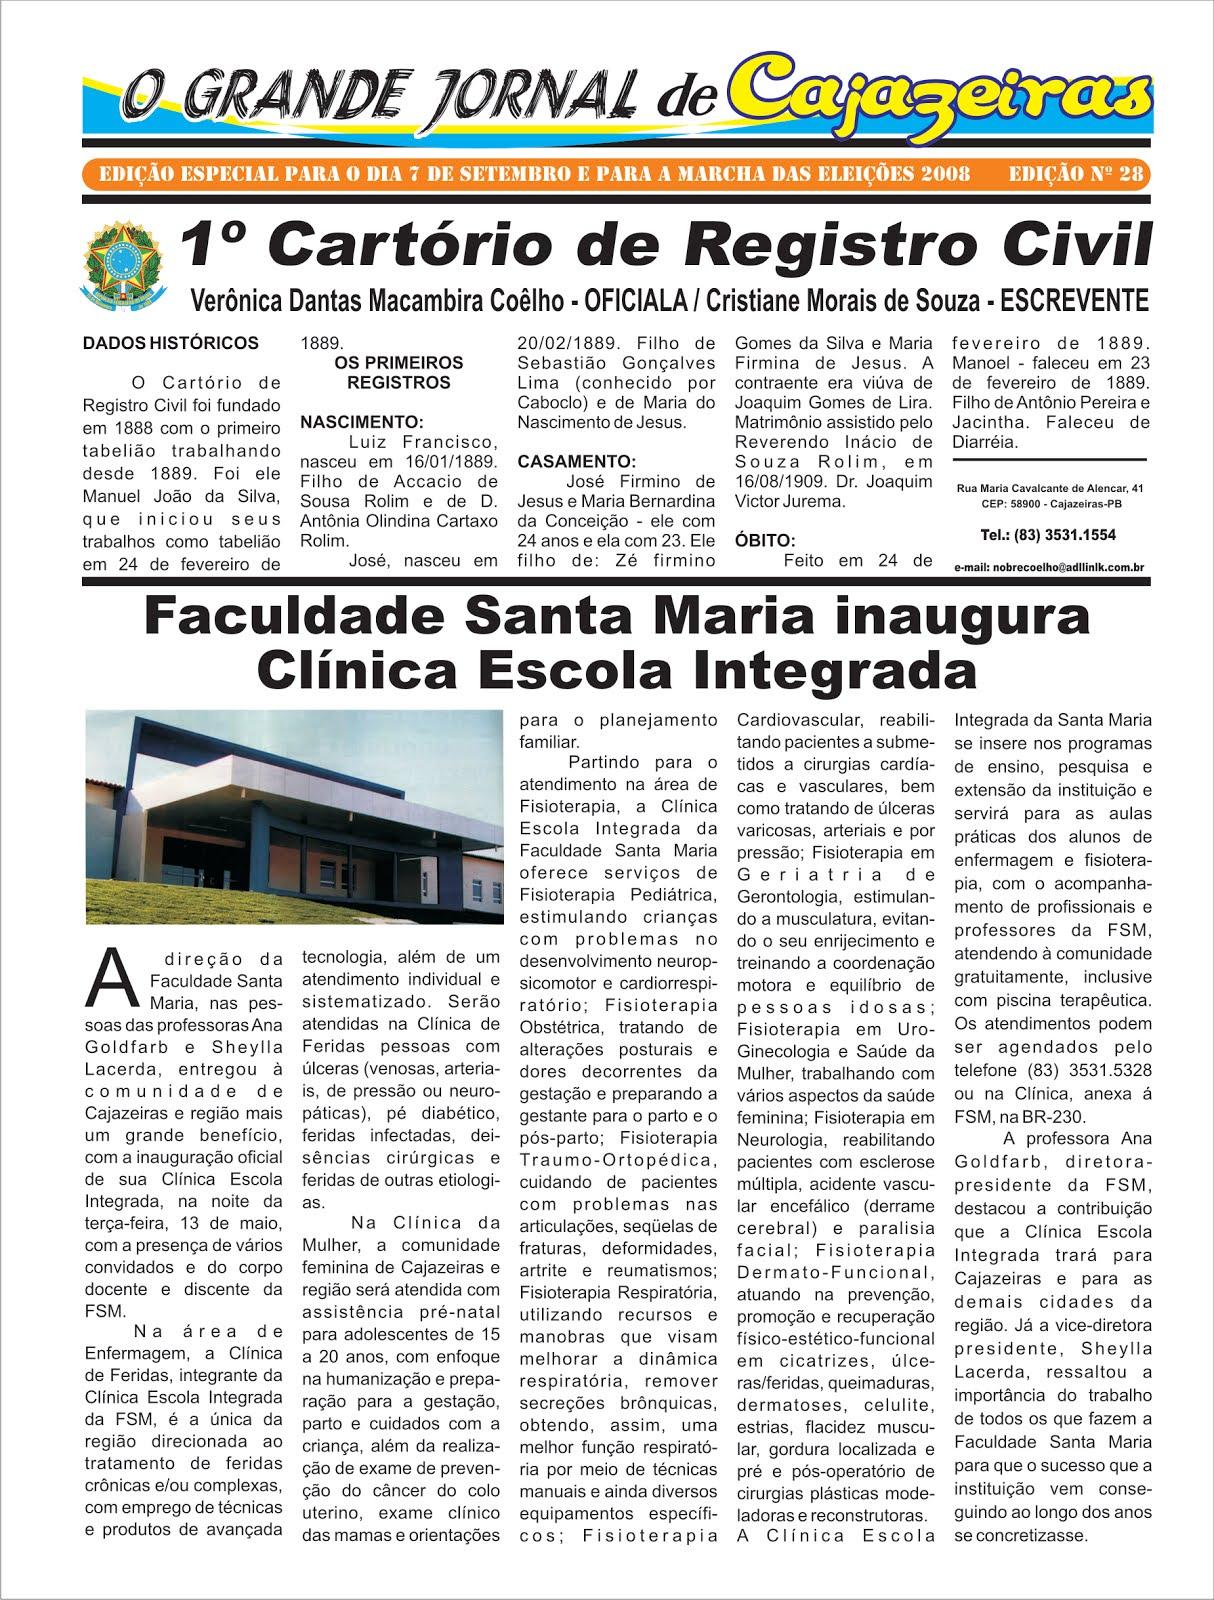 FOI REPRISADO  ESTA FOLHA  DE GRANDE JORNAL DE CAJAZEIRAS PB